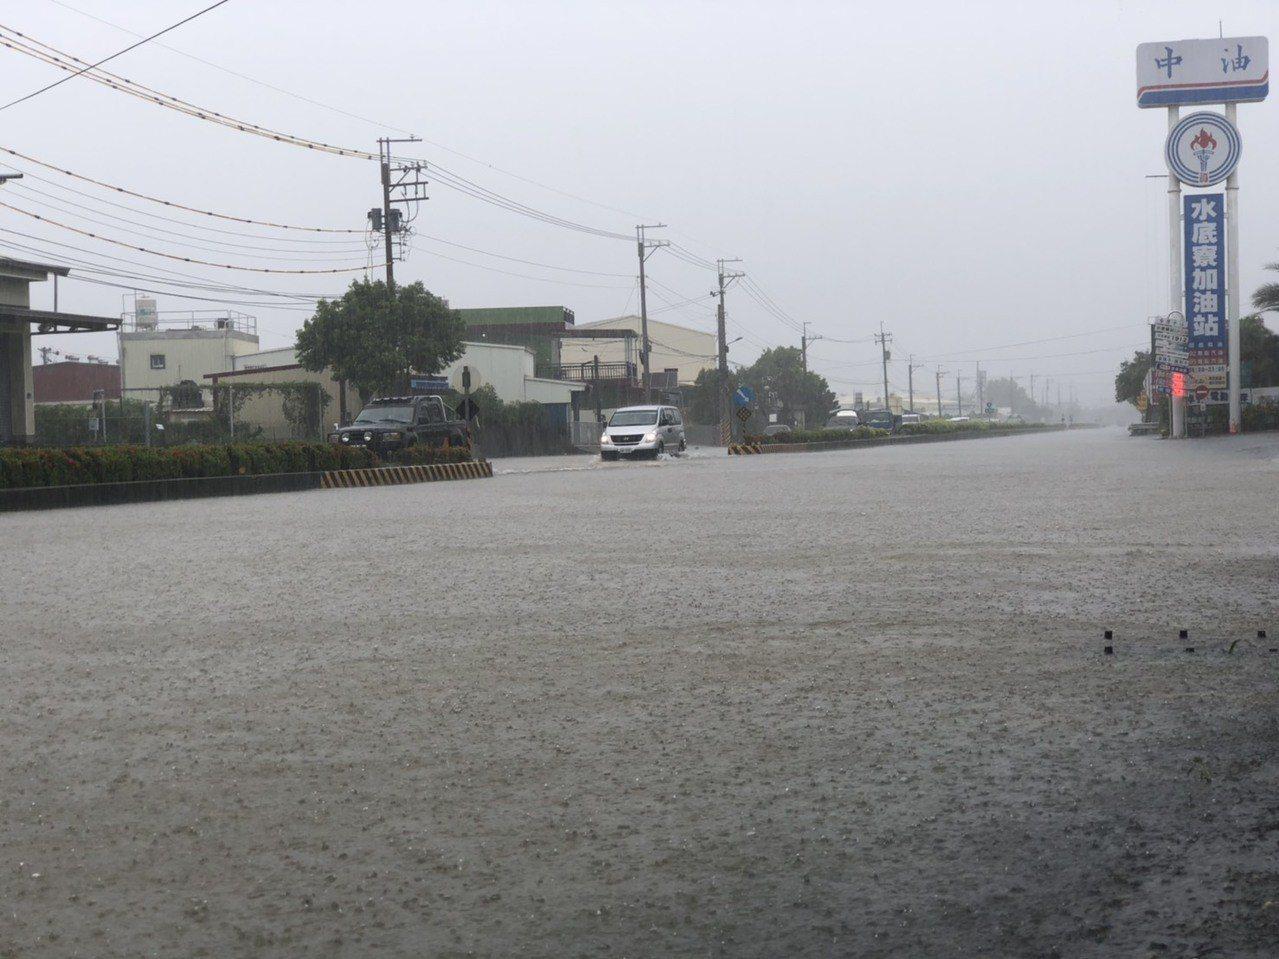 枋寮鄉今日累積降雨量達200毫米,台一線水底寮加油站路段也嚴重積水影響通行。圖/...